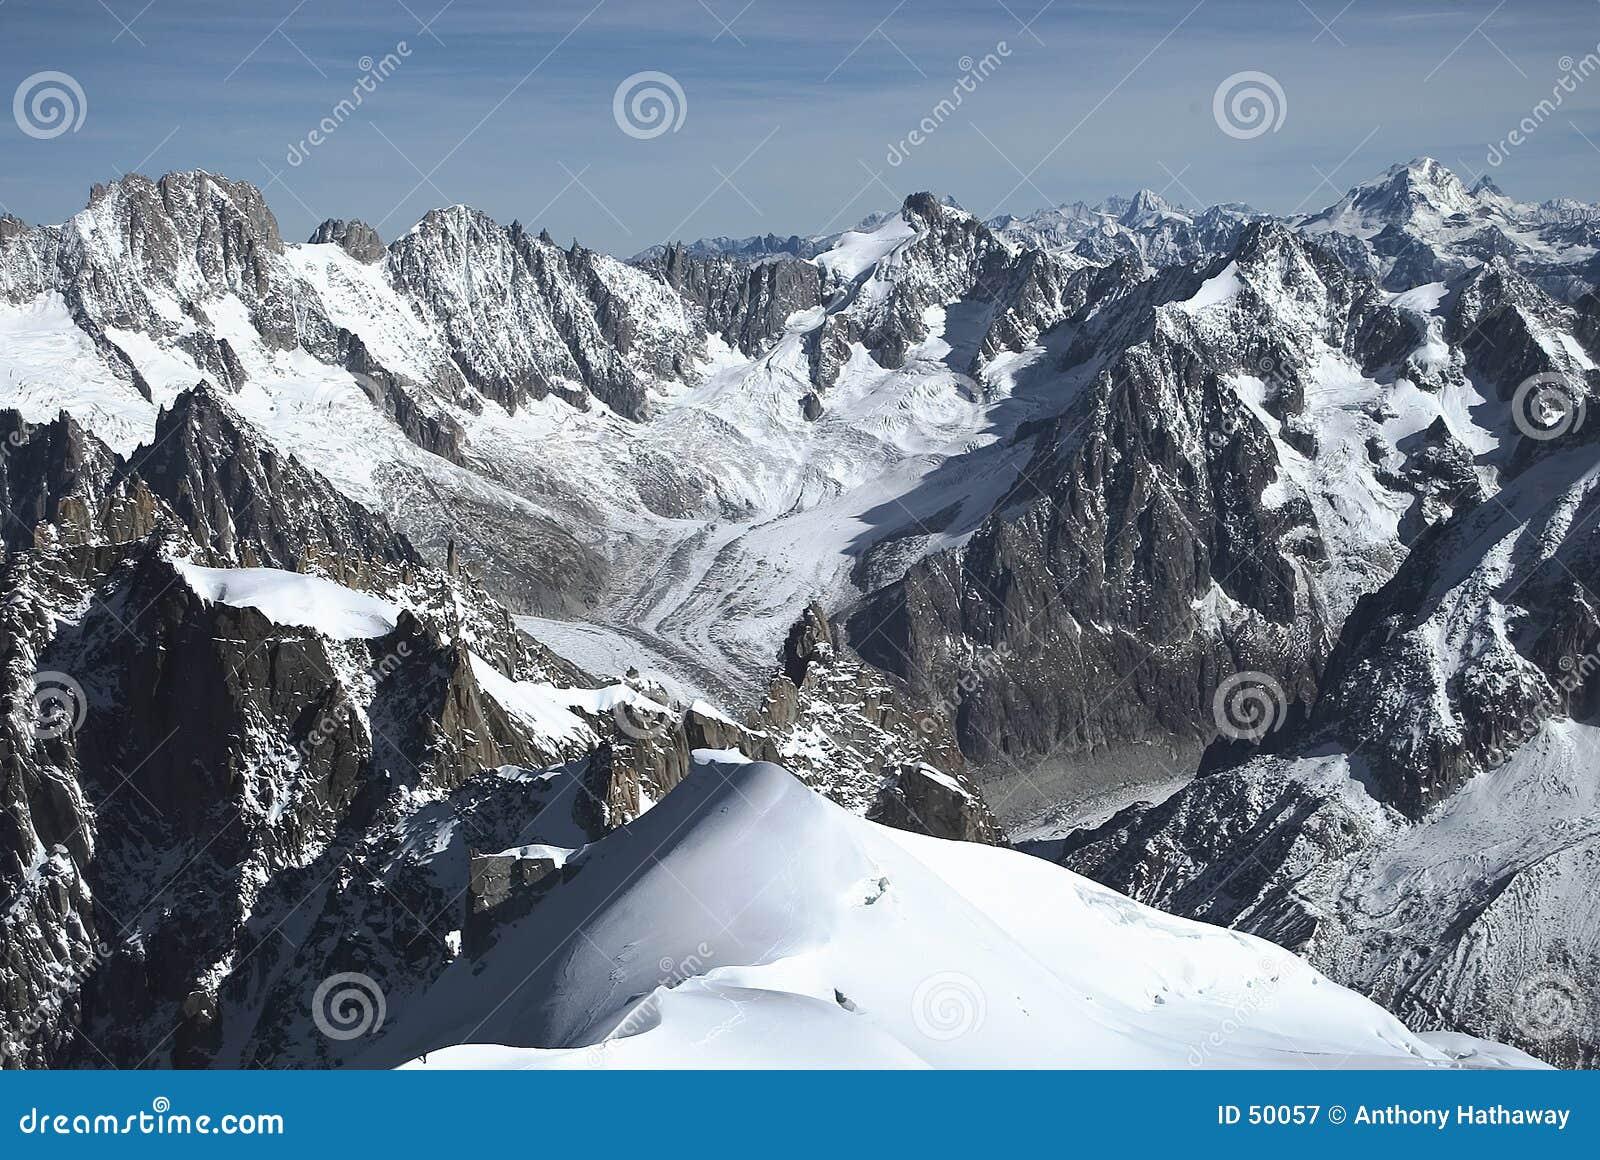 Französische alpine Szene